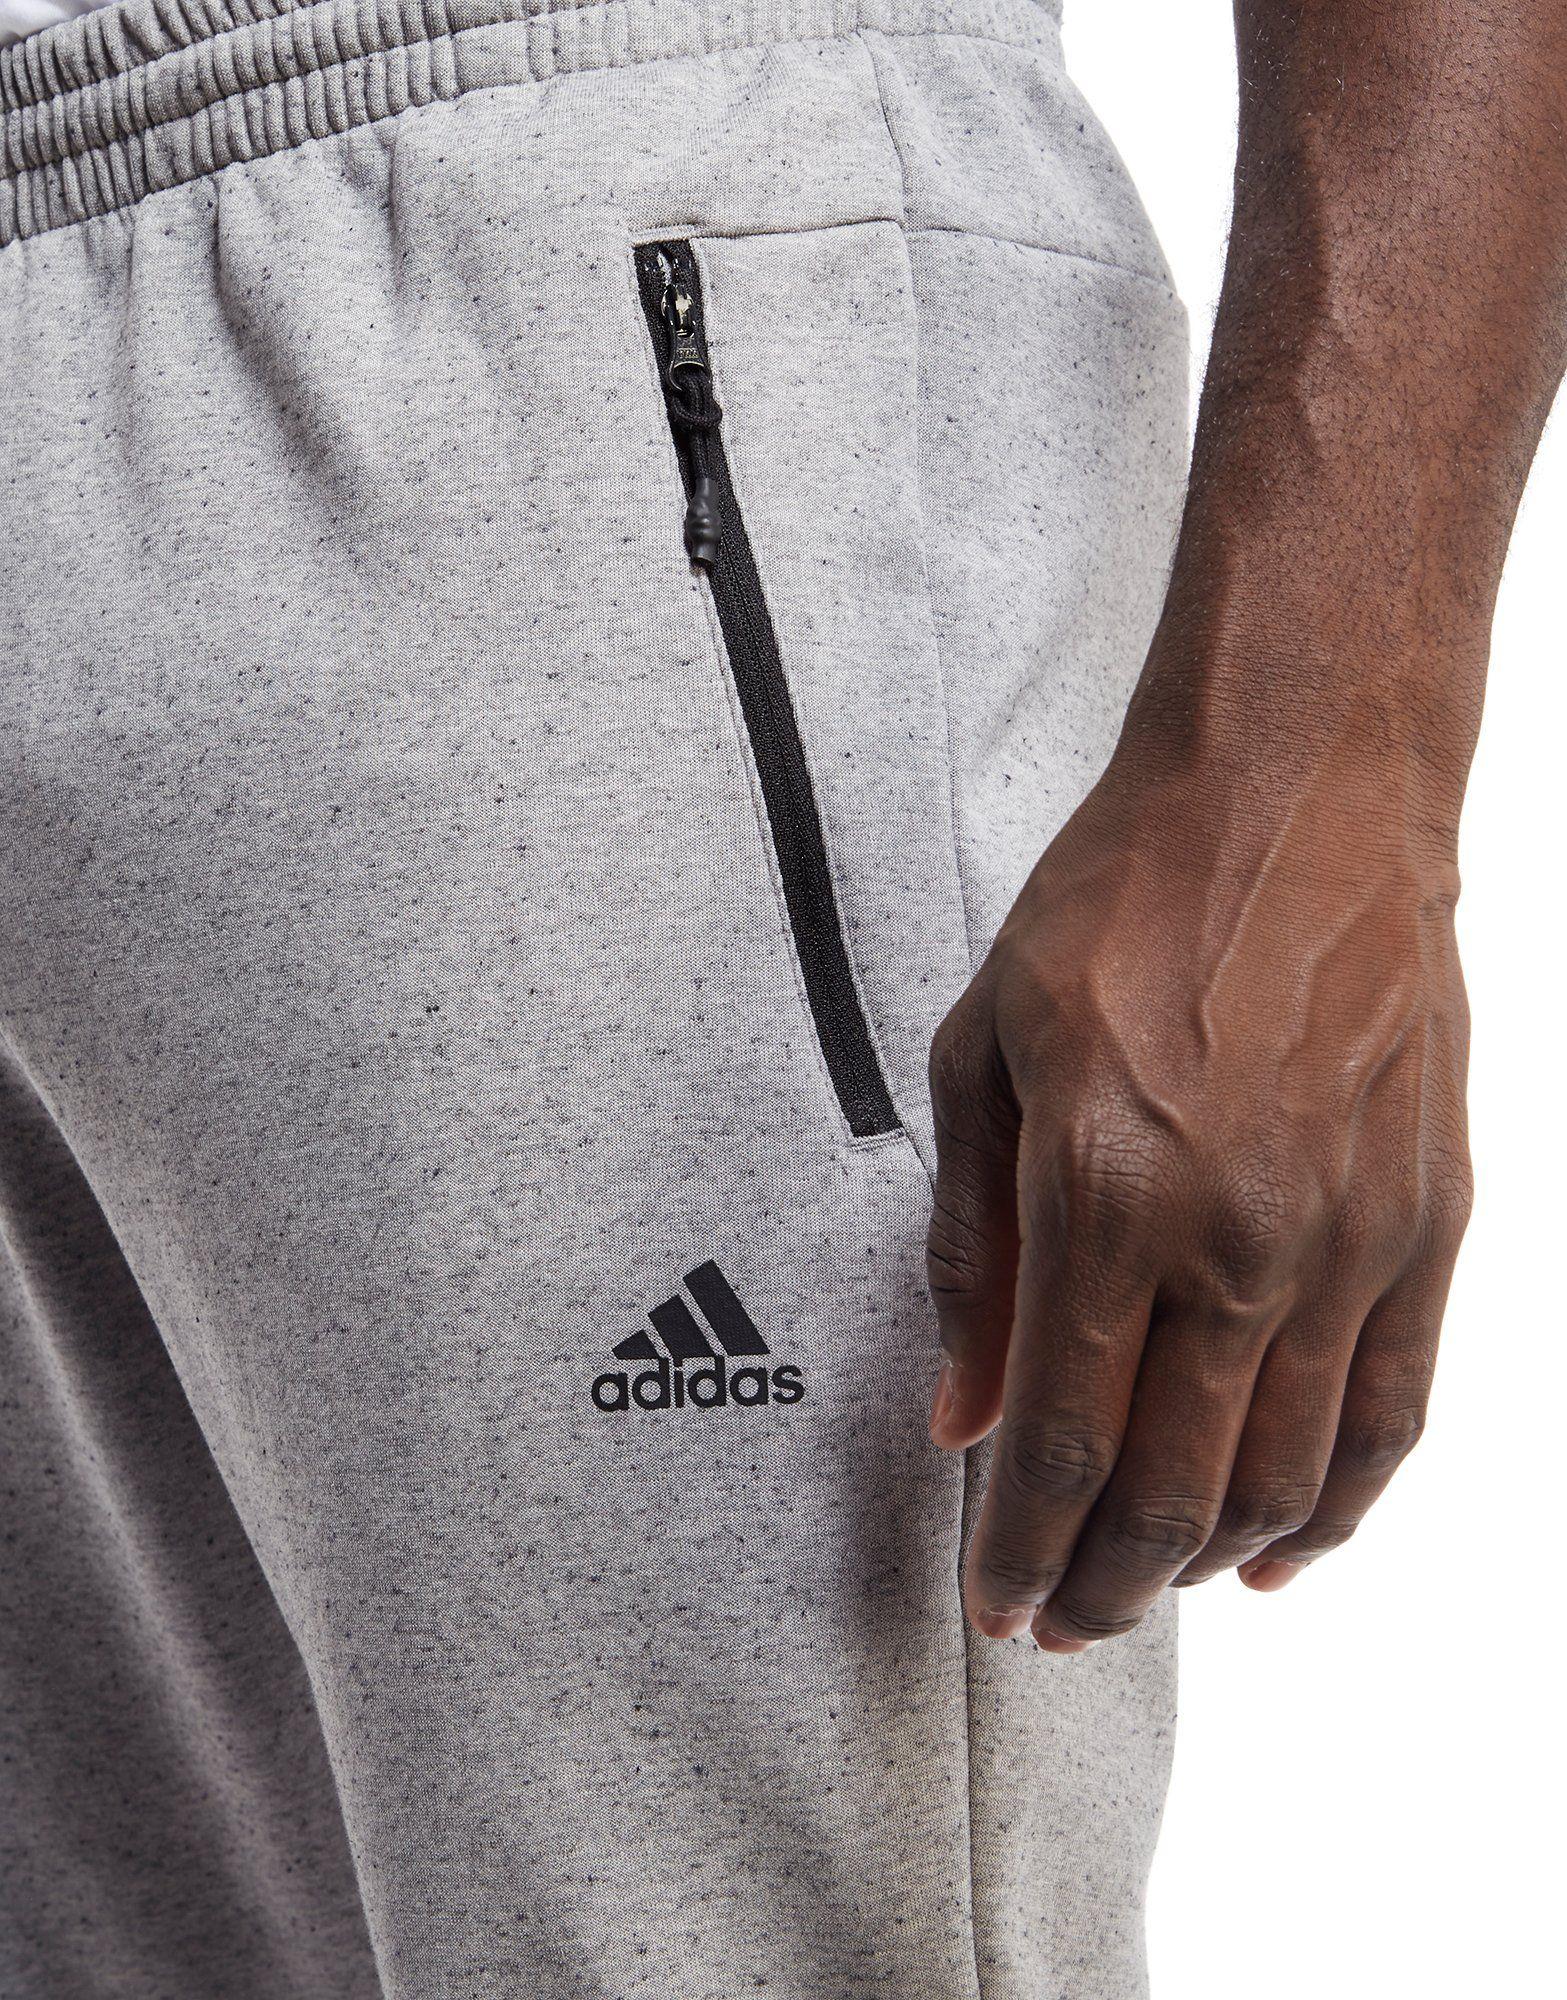 adidas ID Stadium Pants